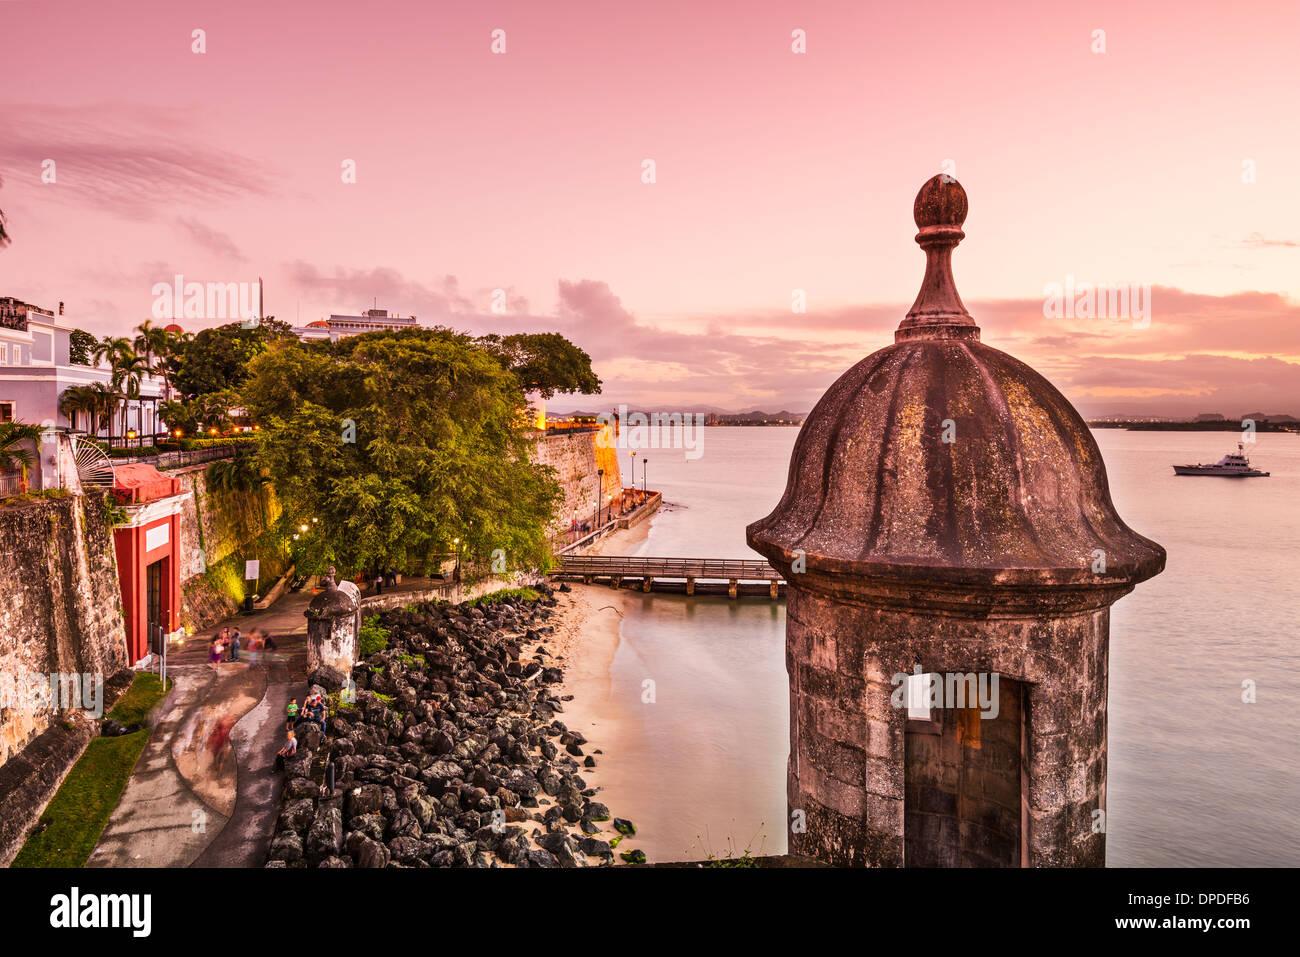 San Juan, Puerto Rico coast at Paseo de la Princesa. - Stock Image